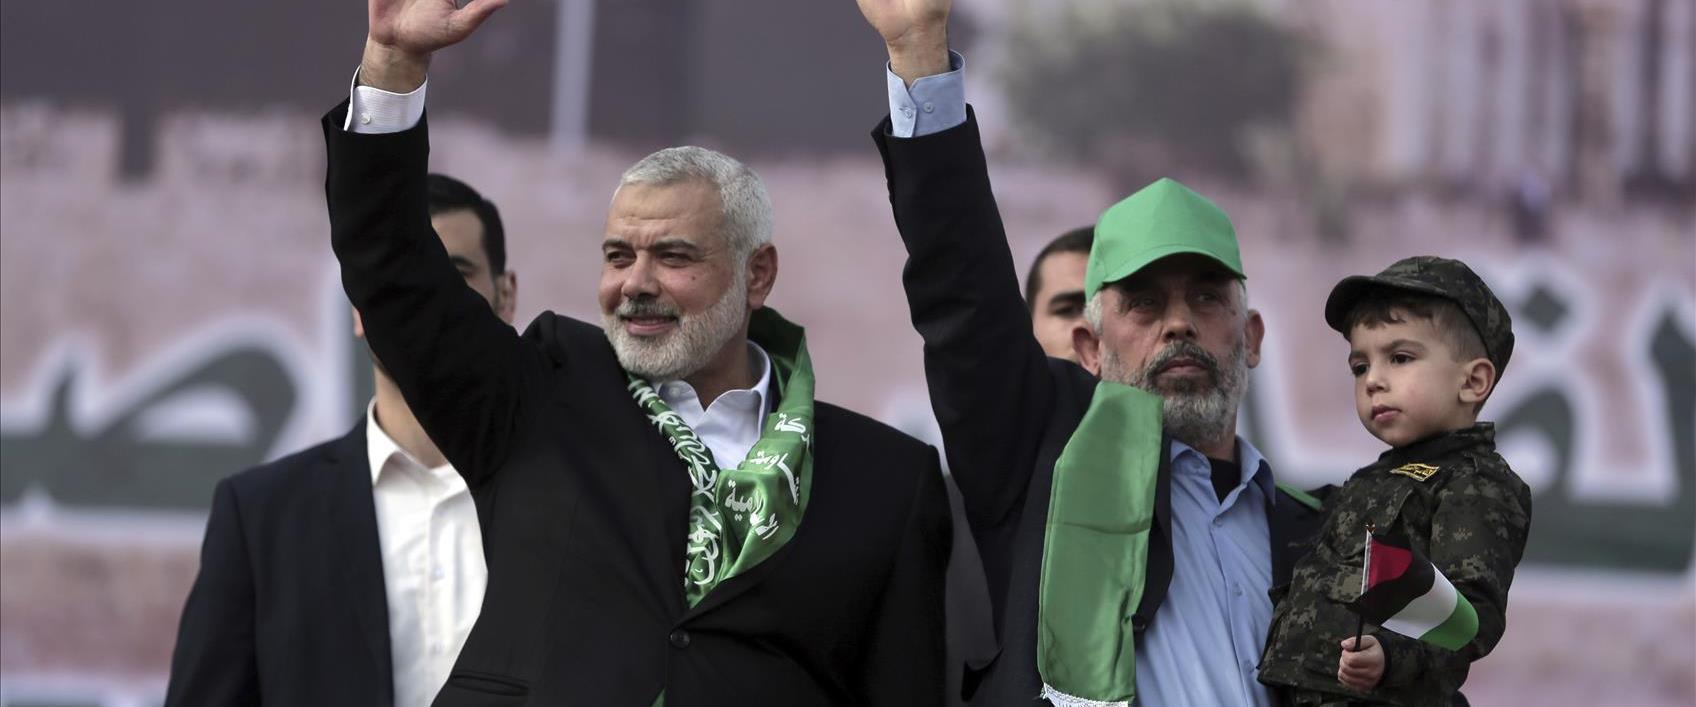 הנהגת חמאס יחיא סנוואר ואיסמעיל הנייה ברצועת עזה